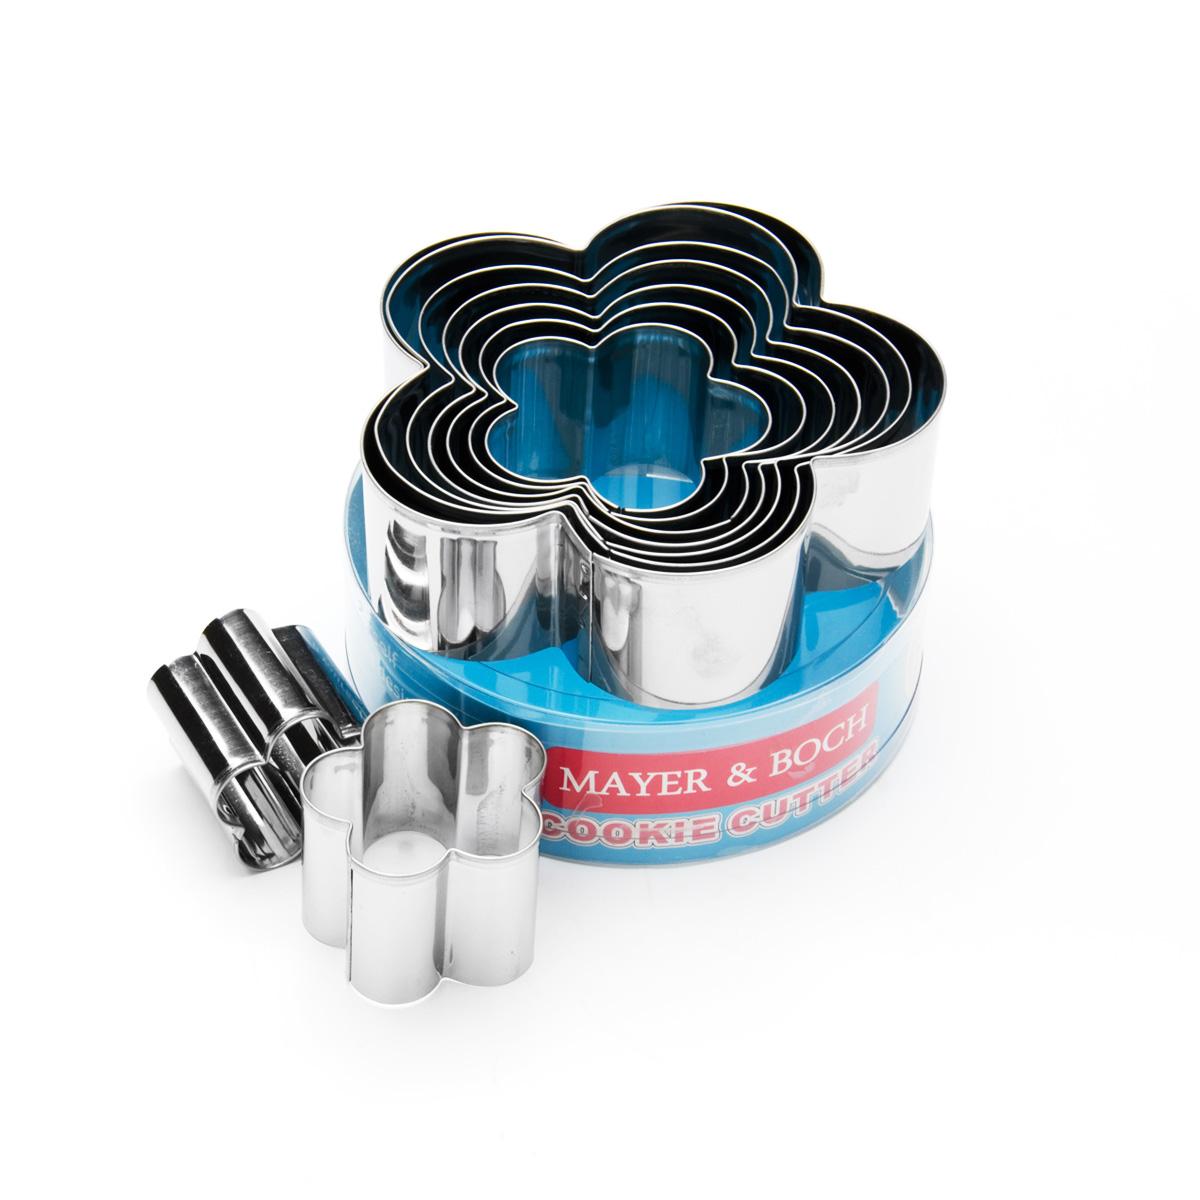 Набор форм для вырезания Mayer & Boch, 9 шт. 2400124001Набор Mayer & Boch состоит из девяти форм для вырезания, выполненных из высококачественной нержавеющей стали. С такими формами для вырезания будет легко сделать забавные украшения и формы для вашего торта или кексов. Просто раскатайте мастику или тесто, и вырезайте! Можно мыть в посудомоечной машине. Диаметр форм: 11,5 см; 10,5 см; 9,5 см; 8,5 см; 7,5 см; 6,5 см; 5,5 см; 4,5 см; 3,5 см. Высота форм: 3,7 см.